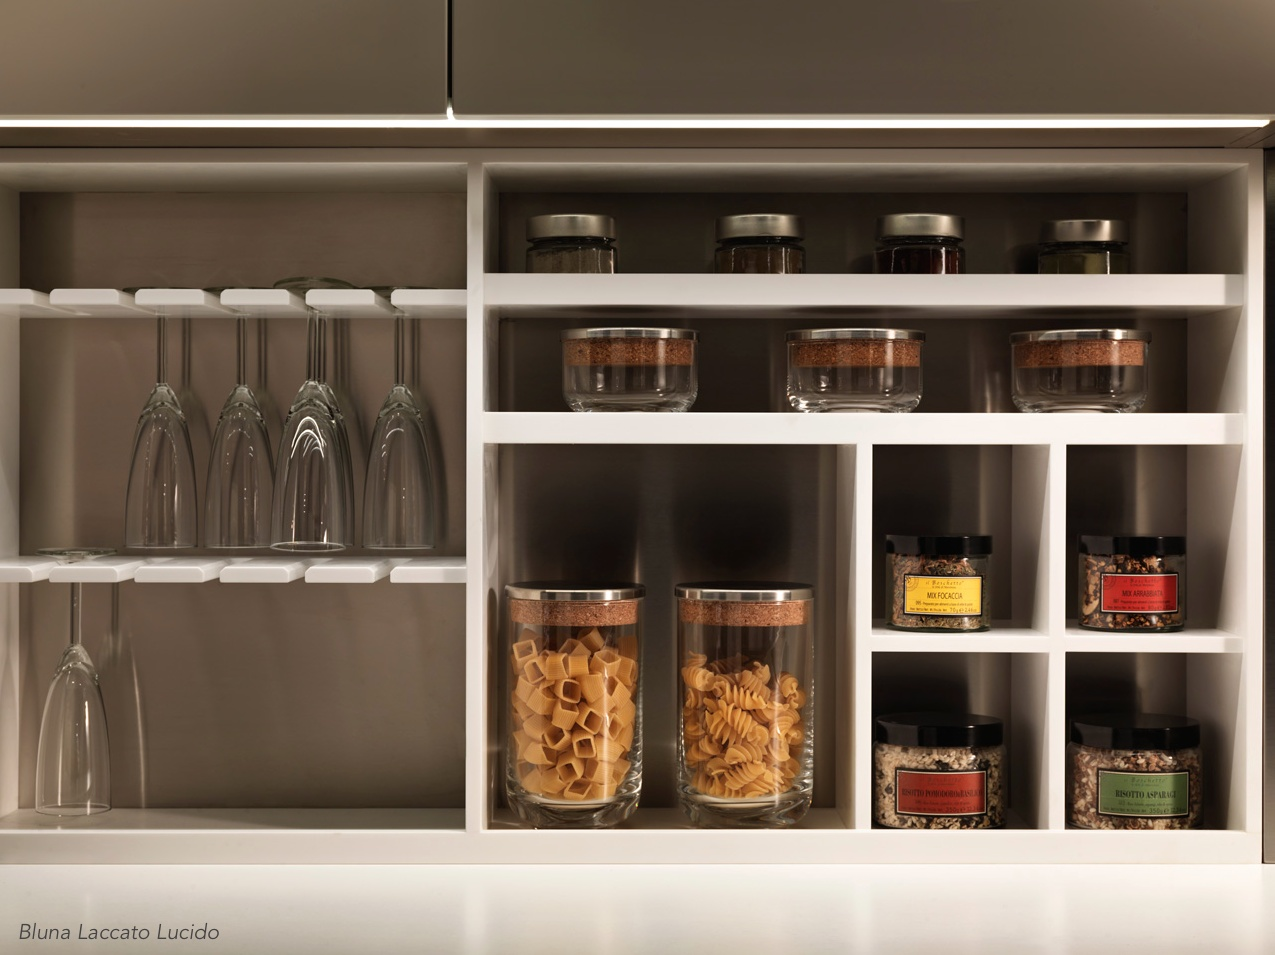 modern binova bluna 14 italian kitchen cabinets